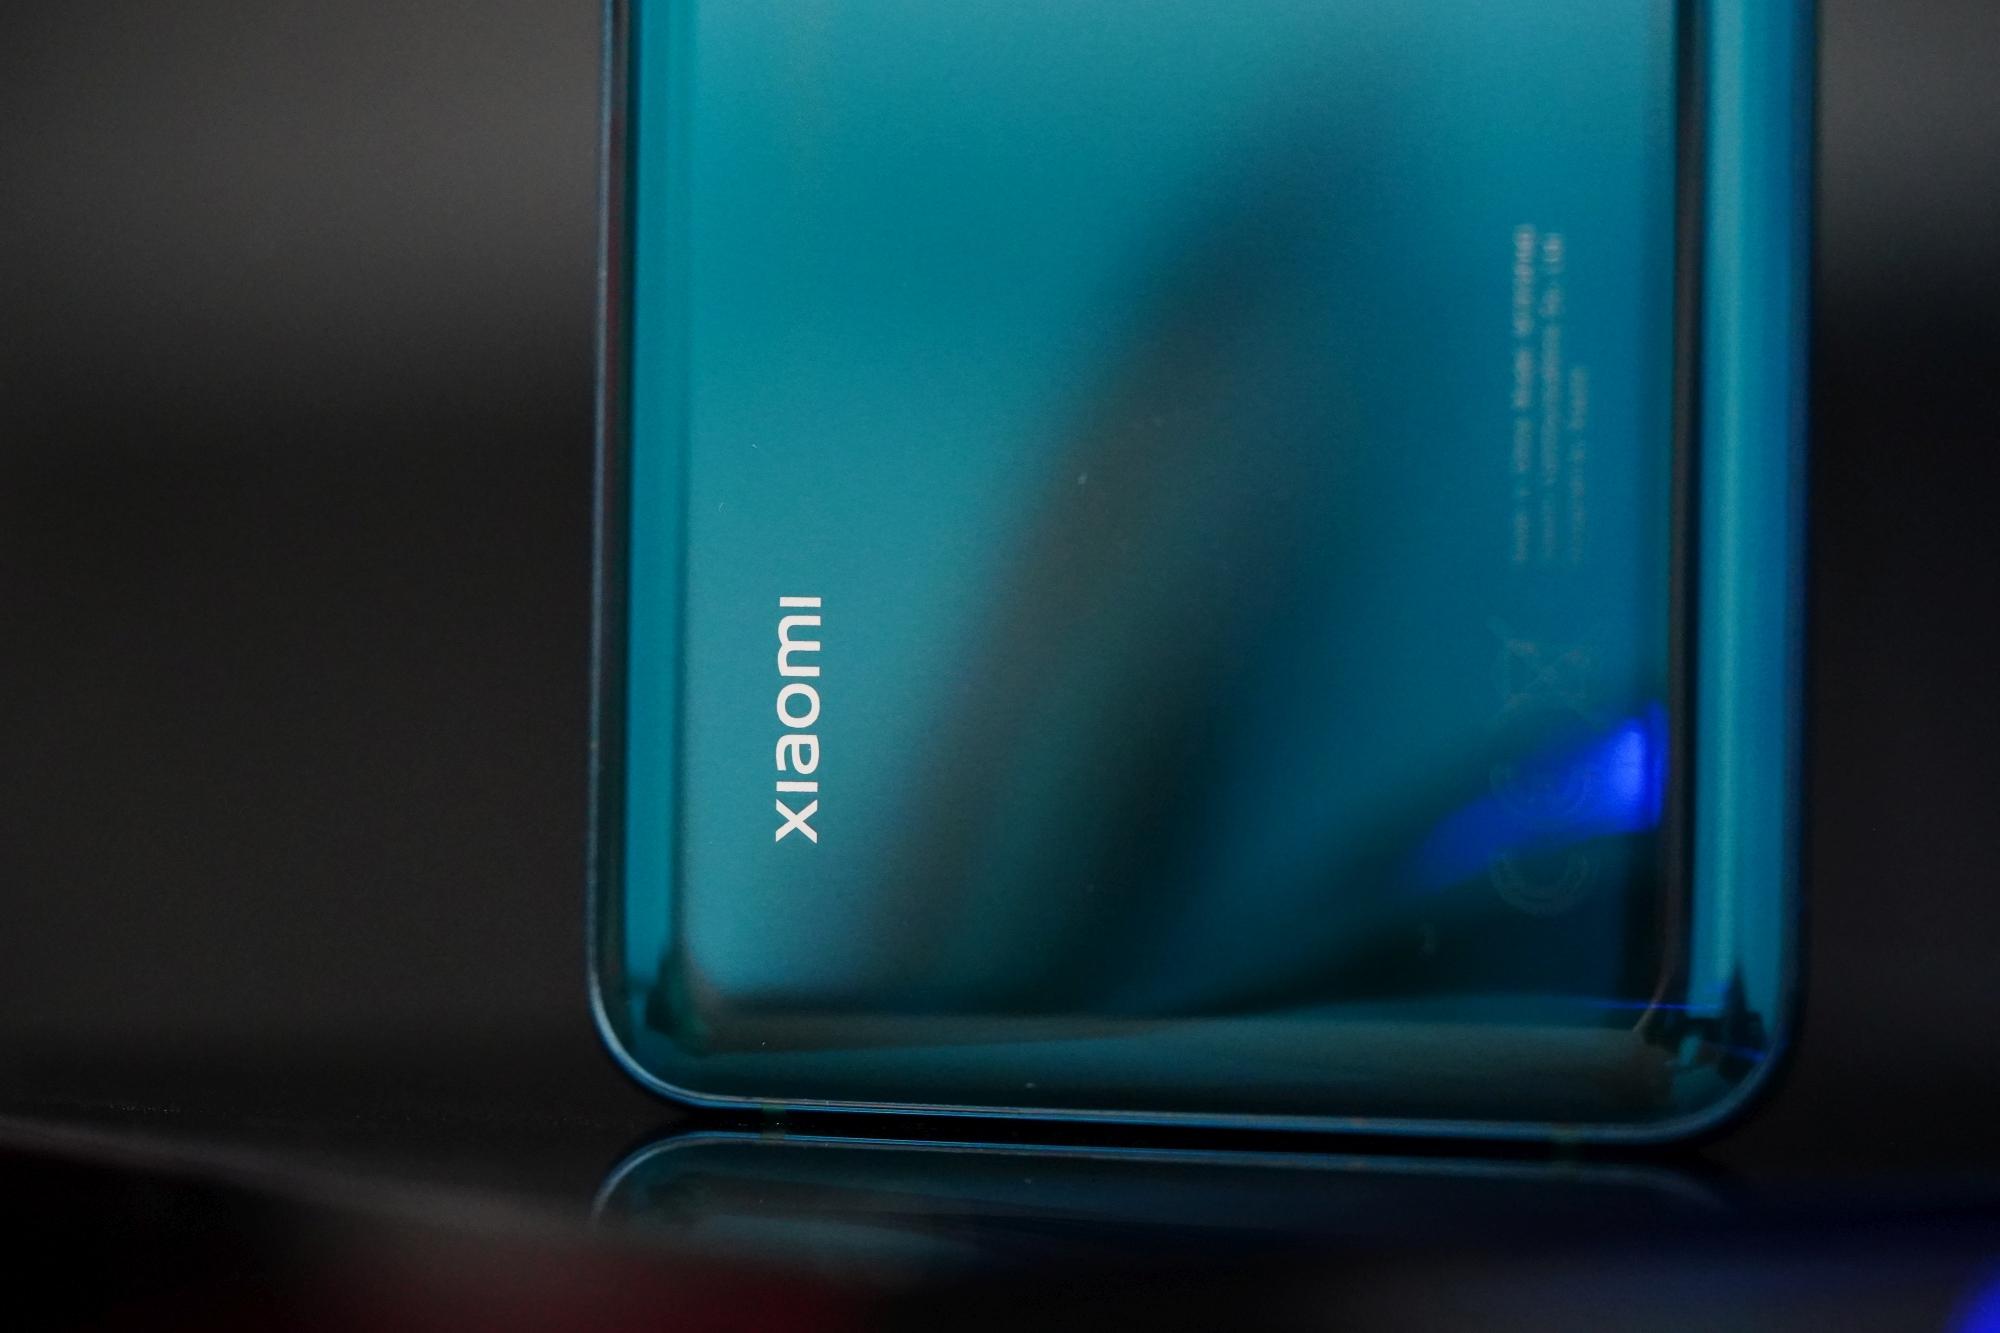 Trochę szkoda, że ten smartfon Xiaomi nie trafił do sprzedaży 16